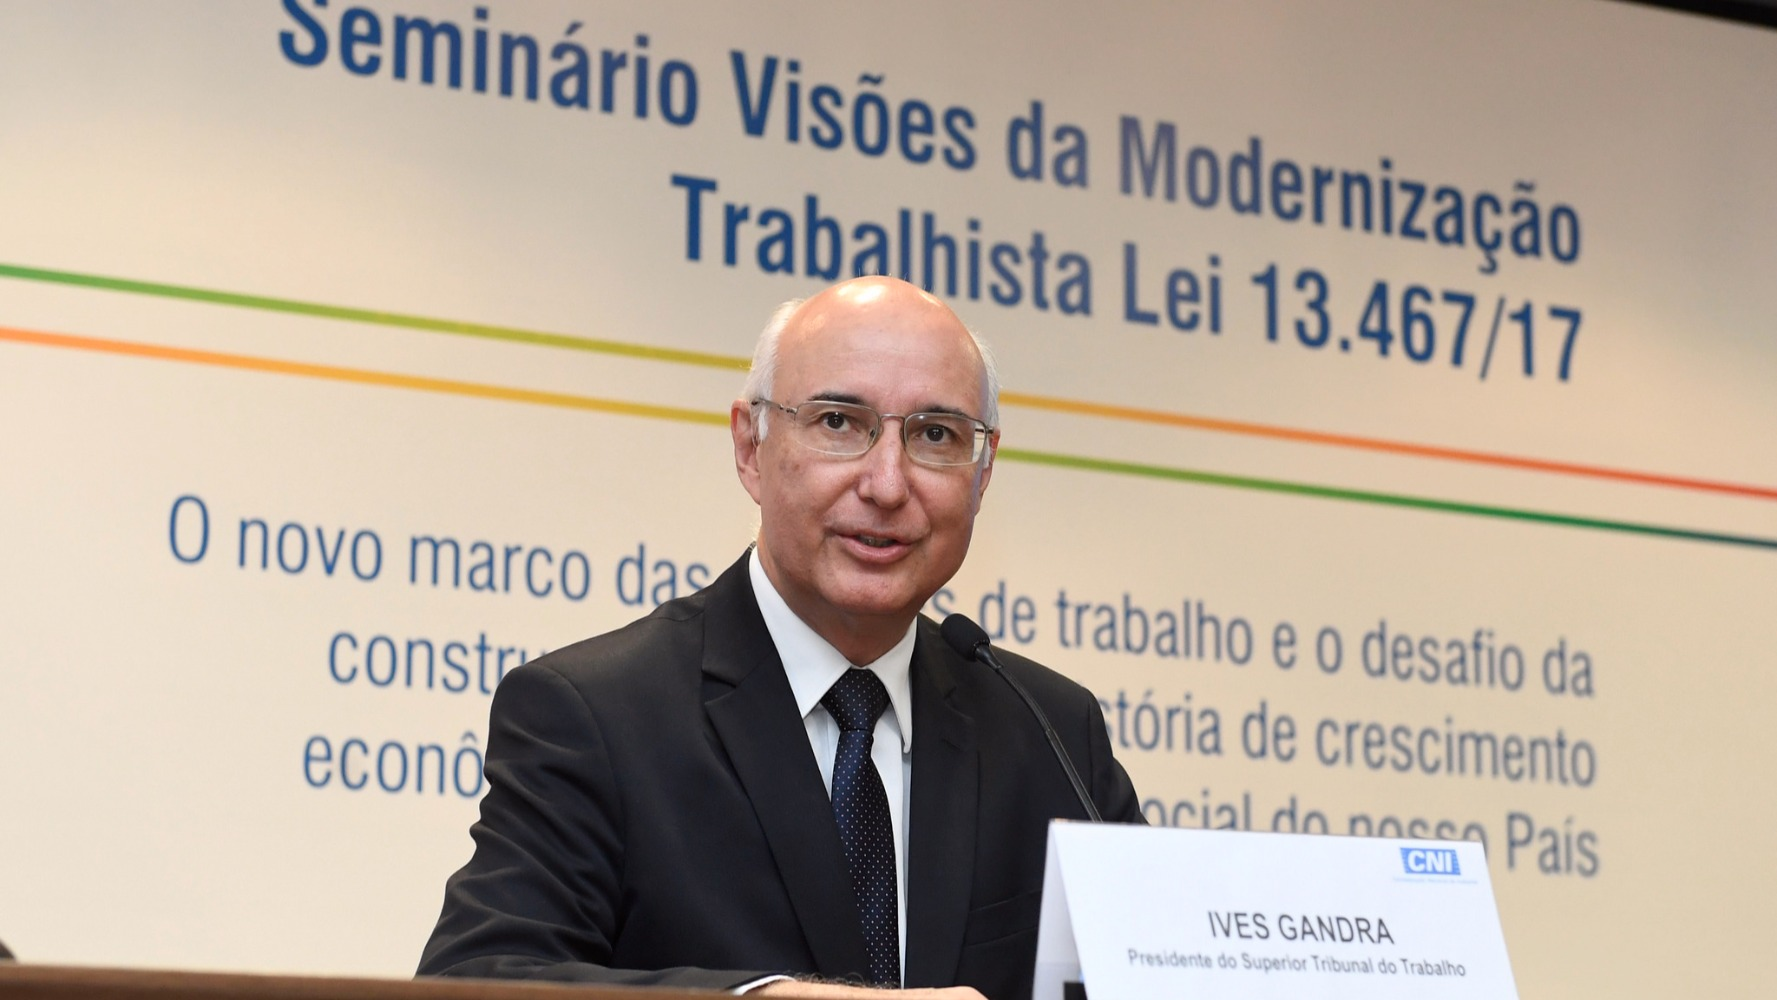 Vamos negociar, produzir e investir sem medo de ser feliz, diz presidente do TST